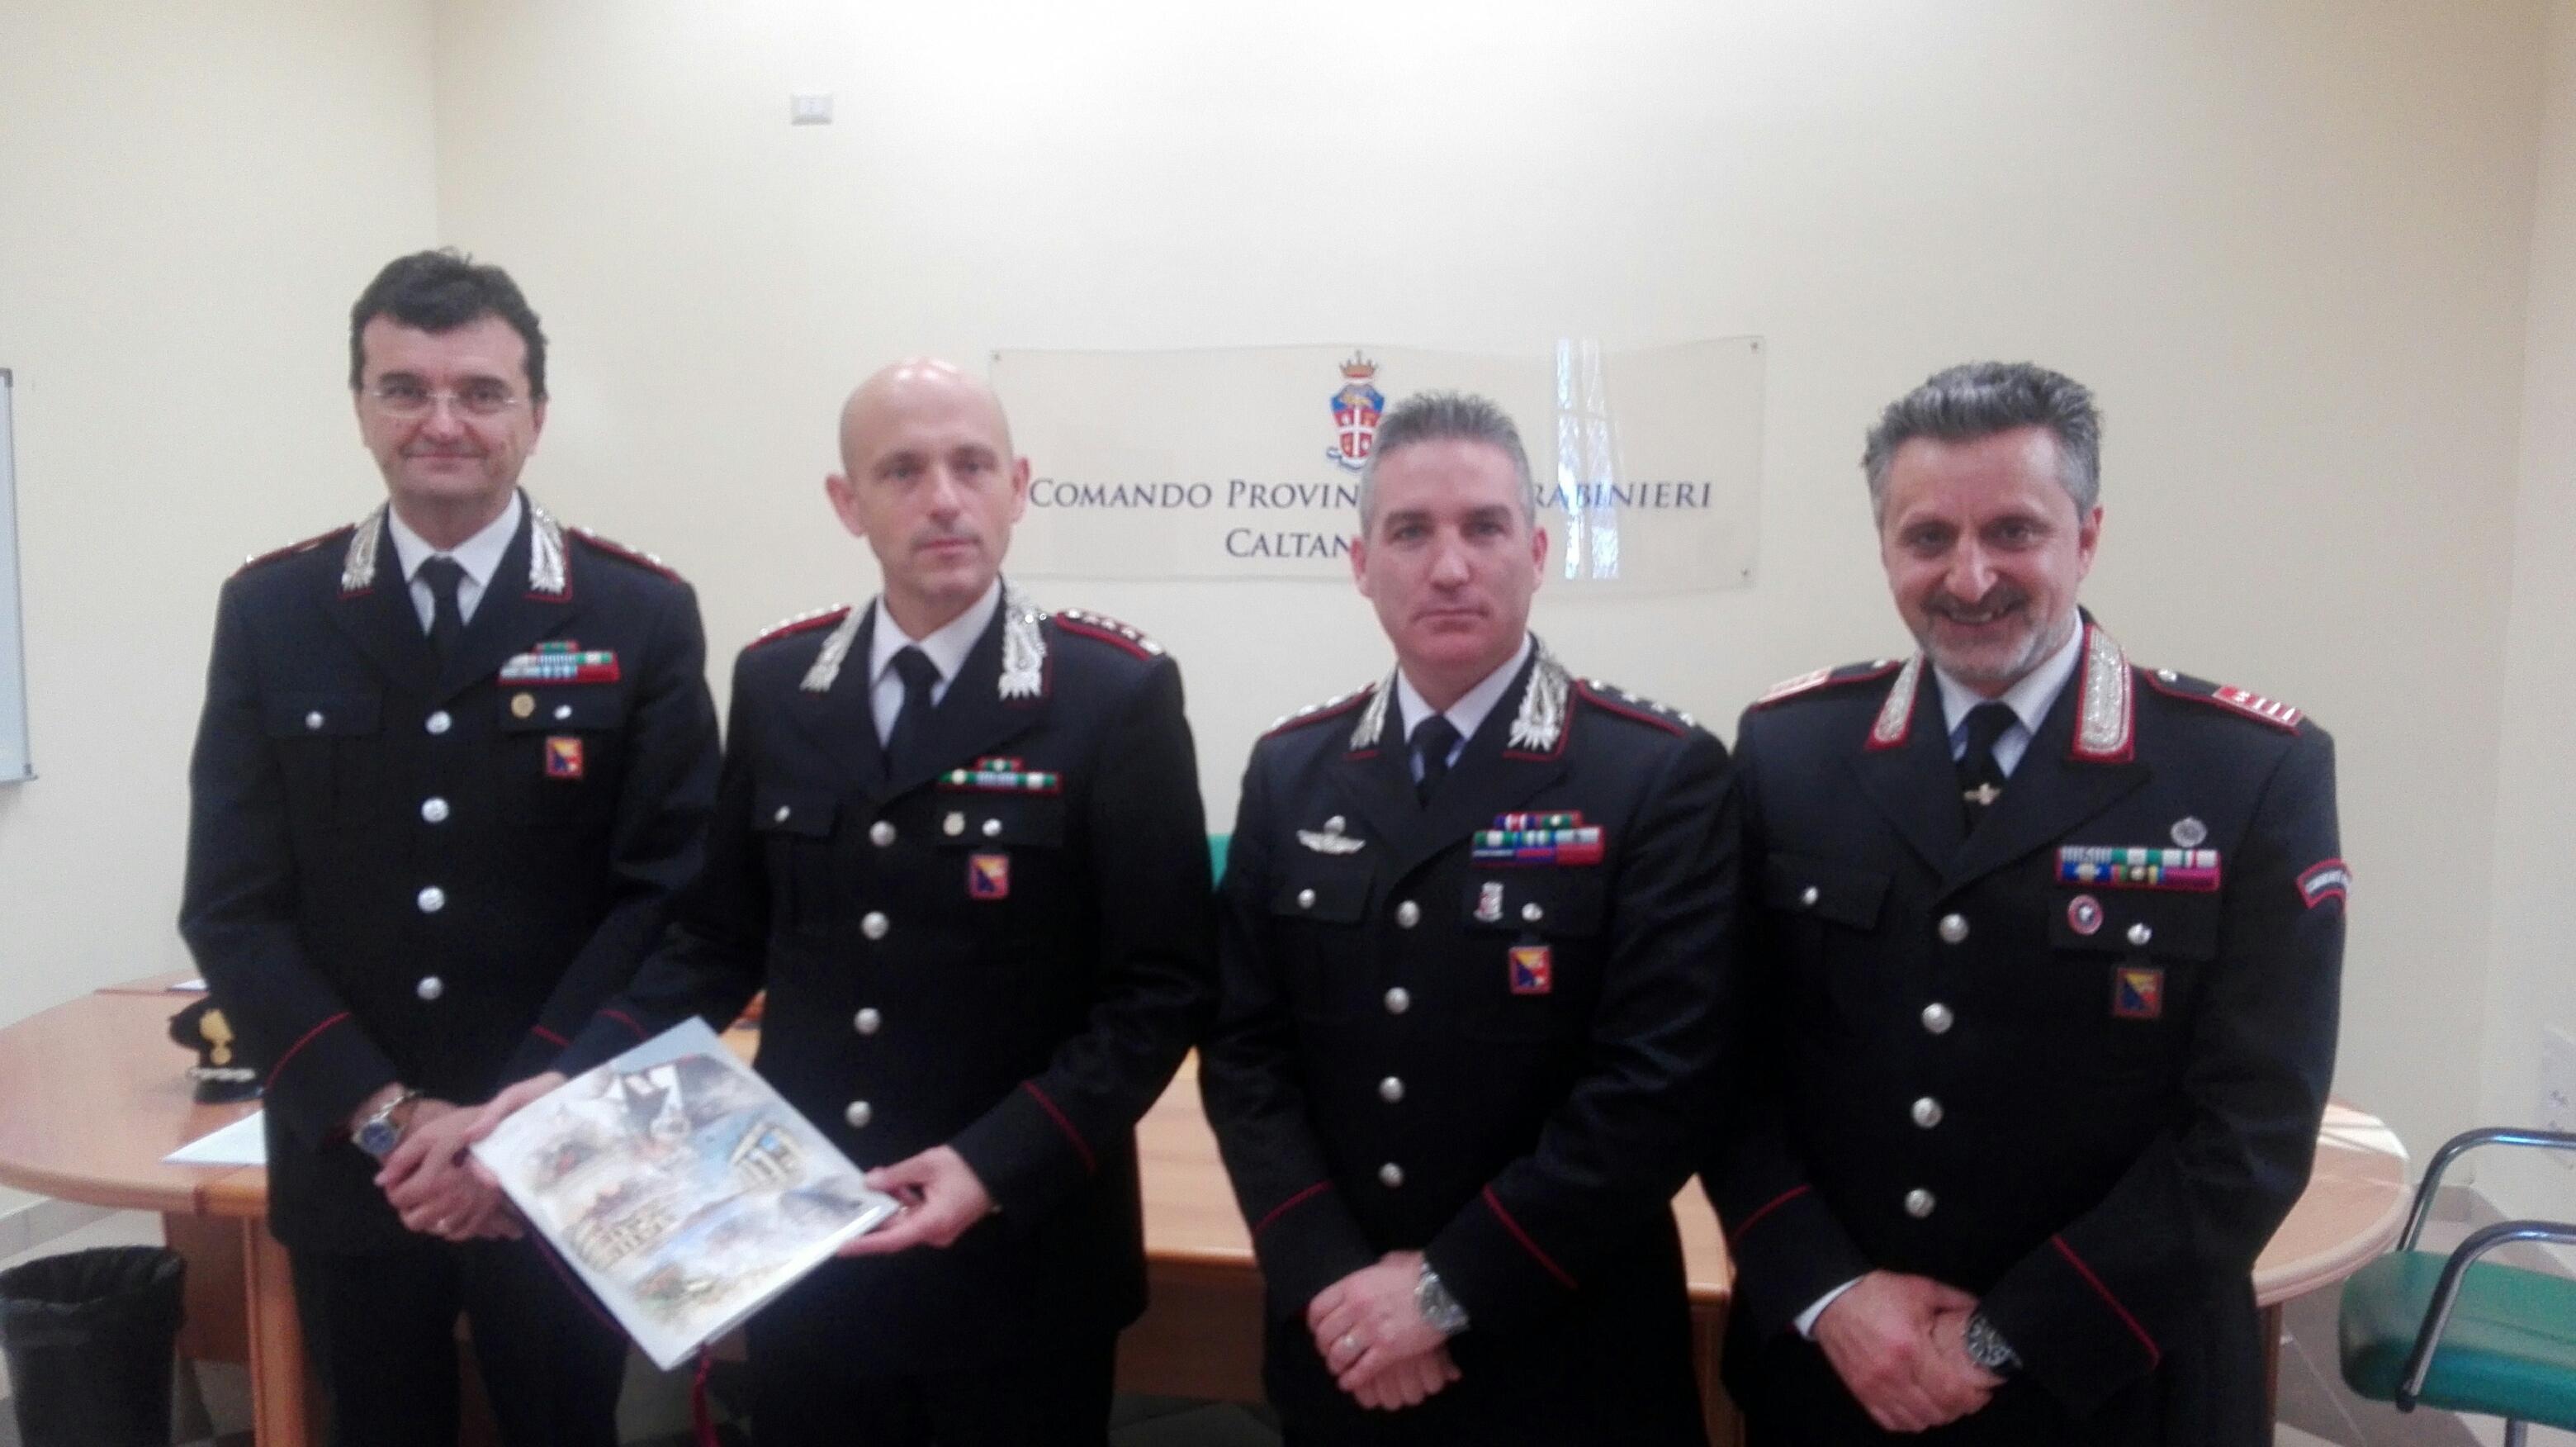 Calendario Carabinieri.Presentato A Caltanissetta Il Calendario Storico Dell Arma